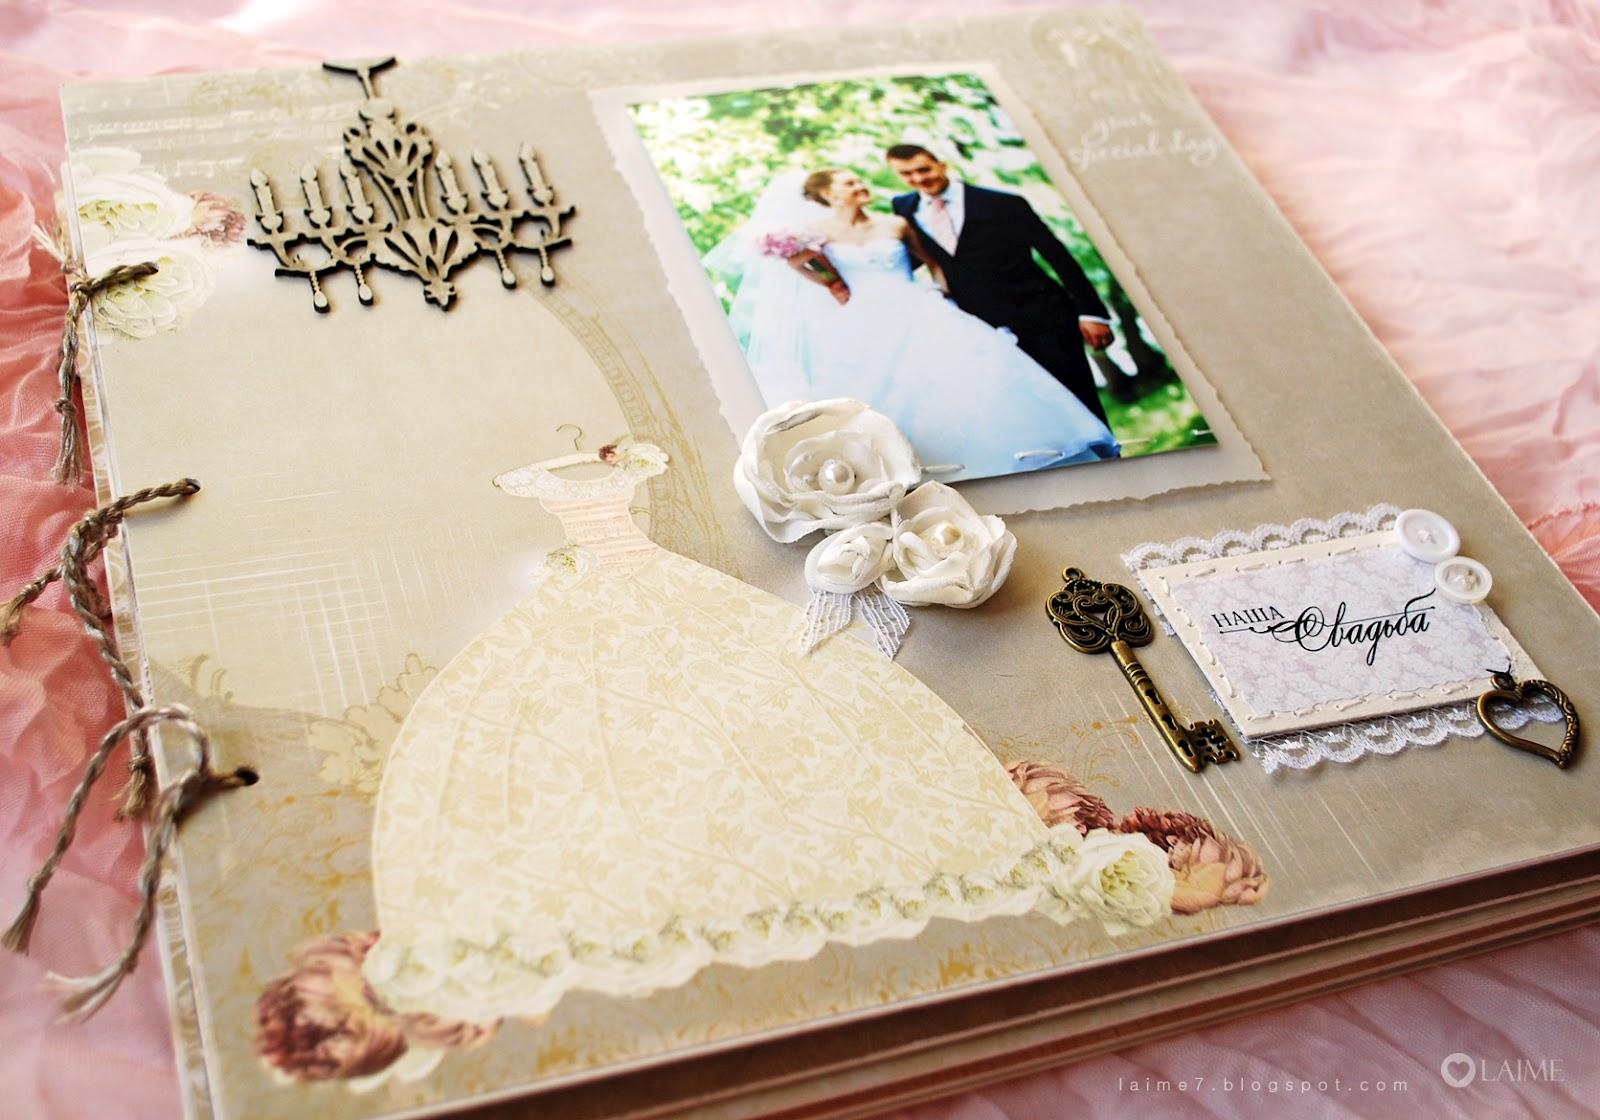 Фото скрапбукинг свадебный альбом | Идеи для рукоделия